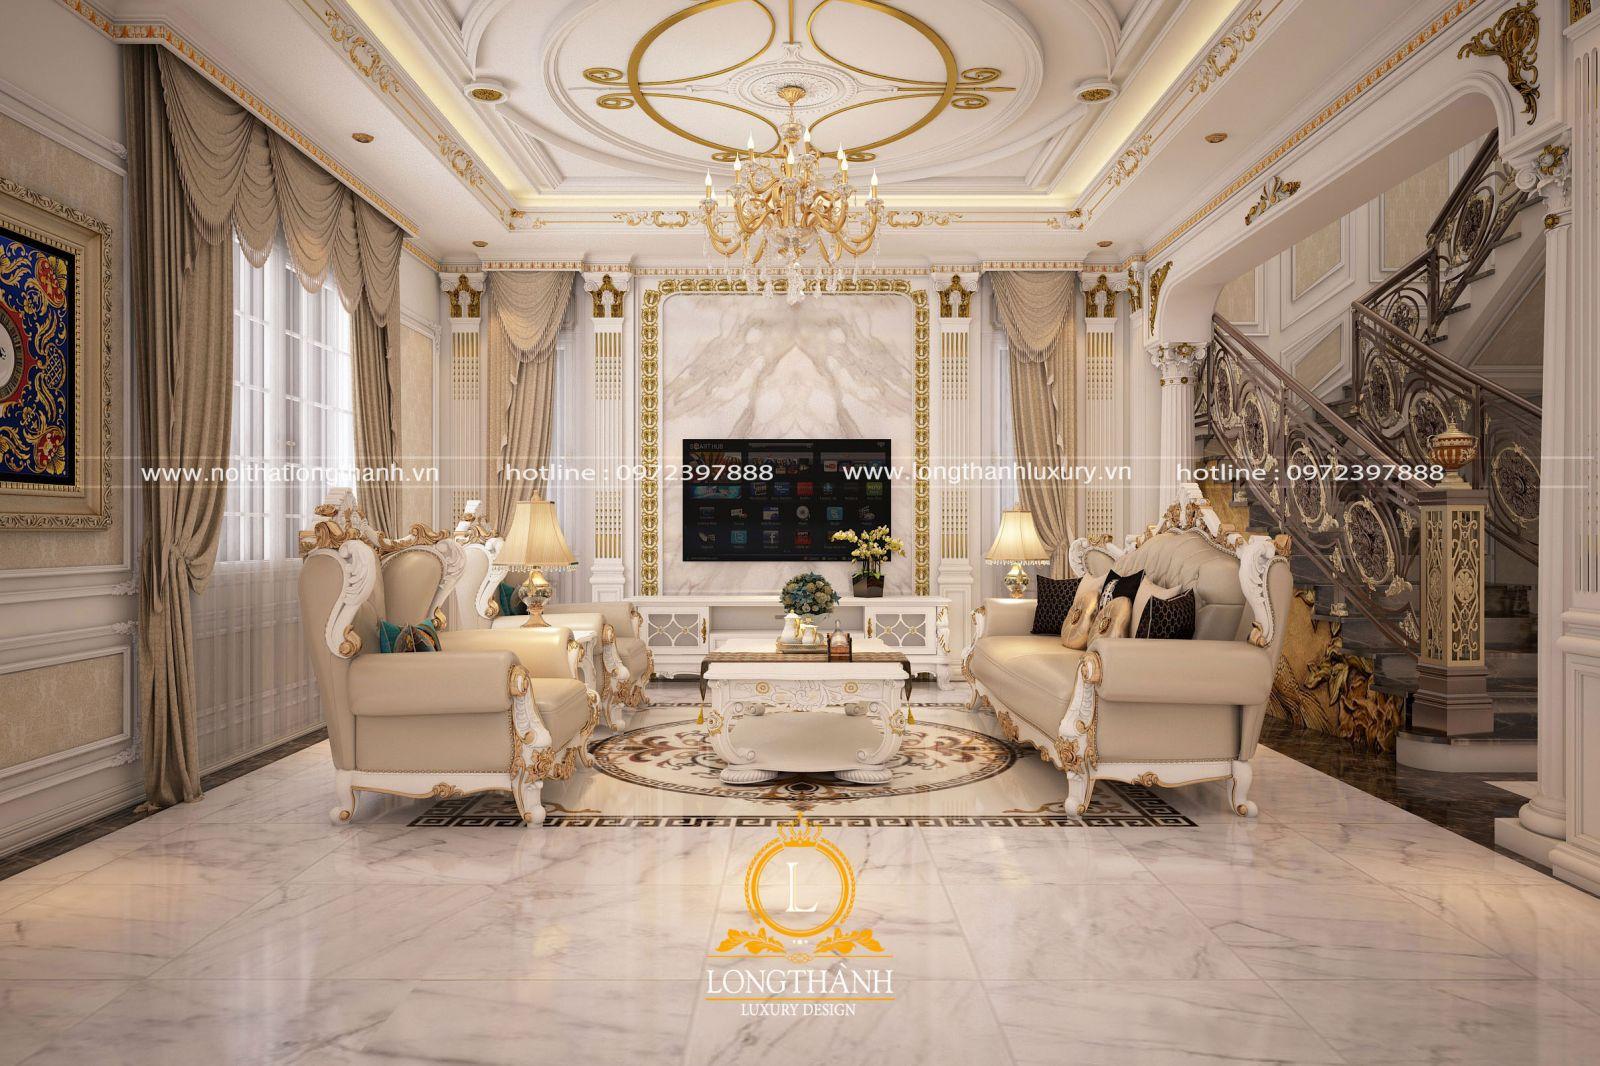 Bộ sofa sơn trắng  kết hợp bọc chất liệu da màu kem bóng mịn cân đối và phù hợp cho phòng khách